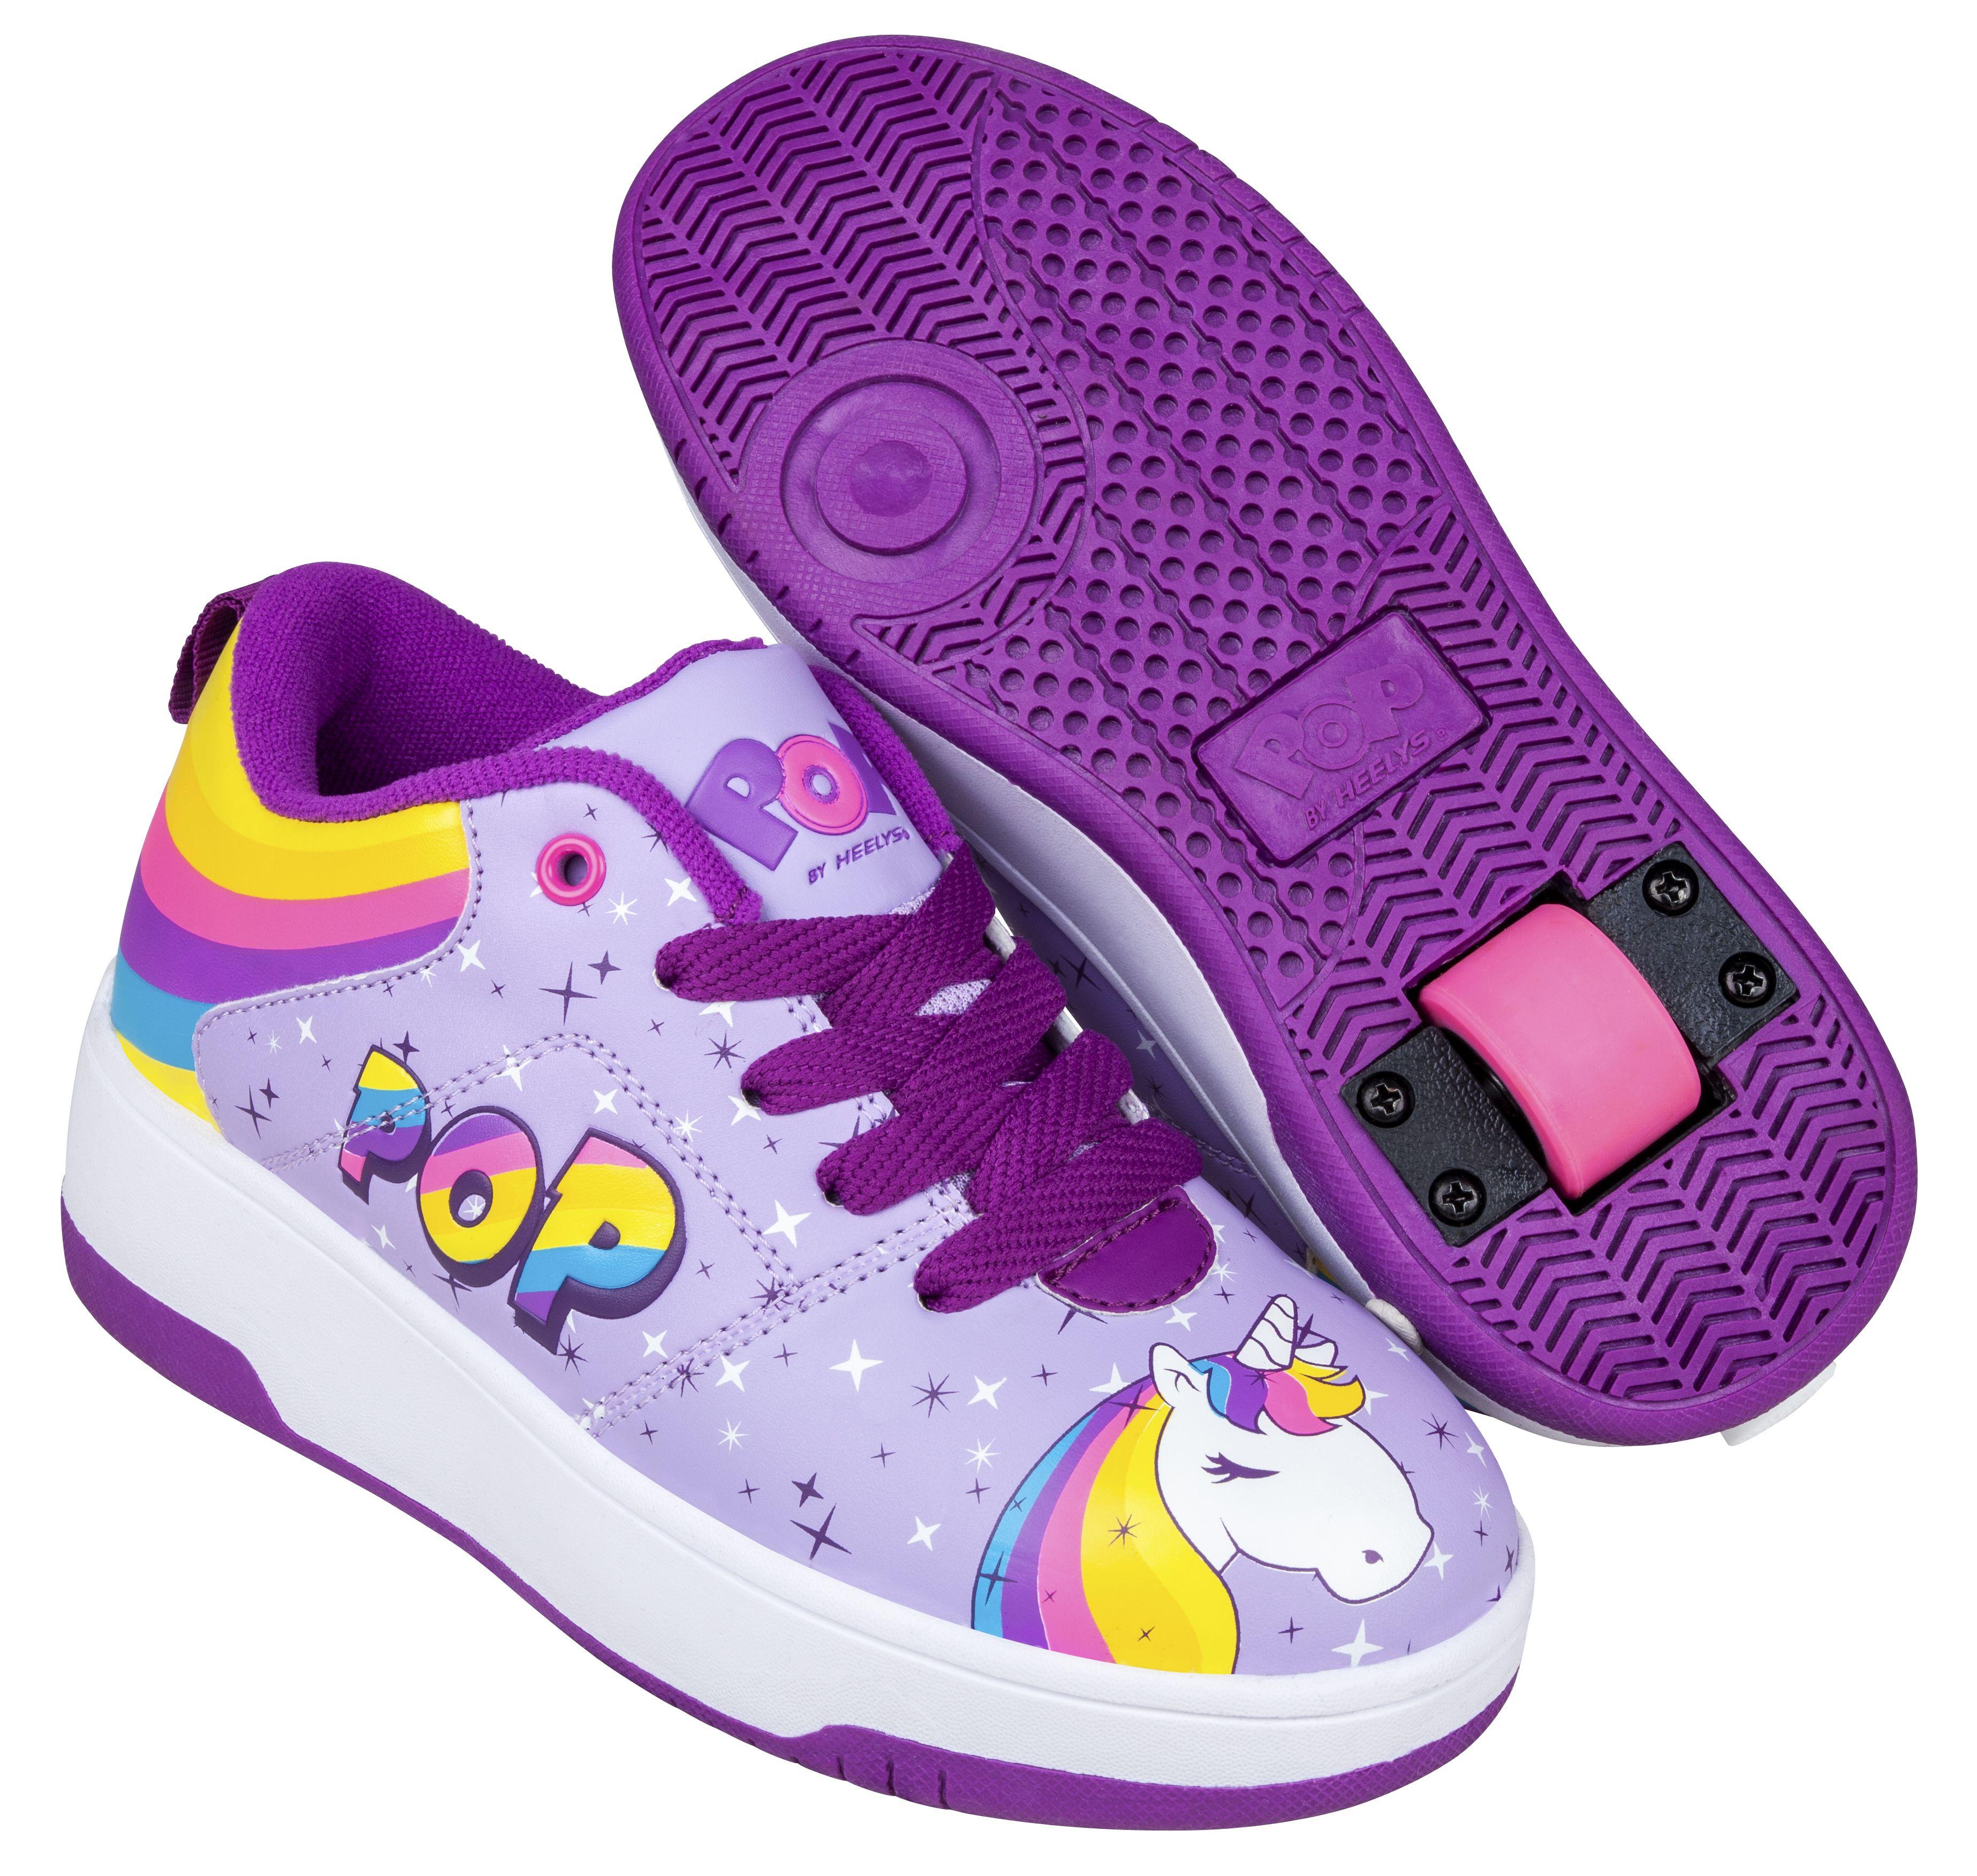 Heelys - POP Shoes - Purple (Size 31) (POP-G1W-0062)